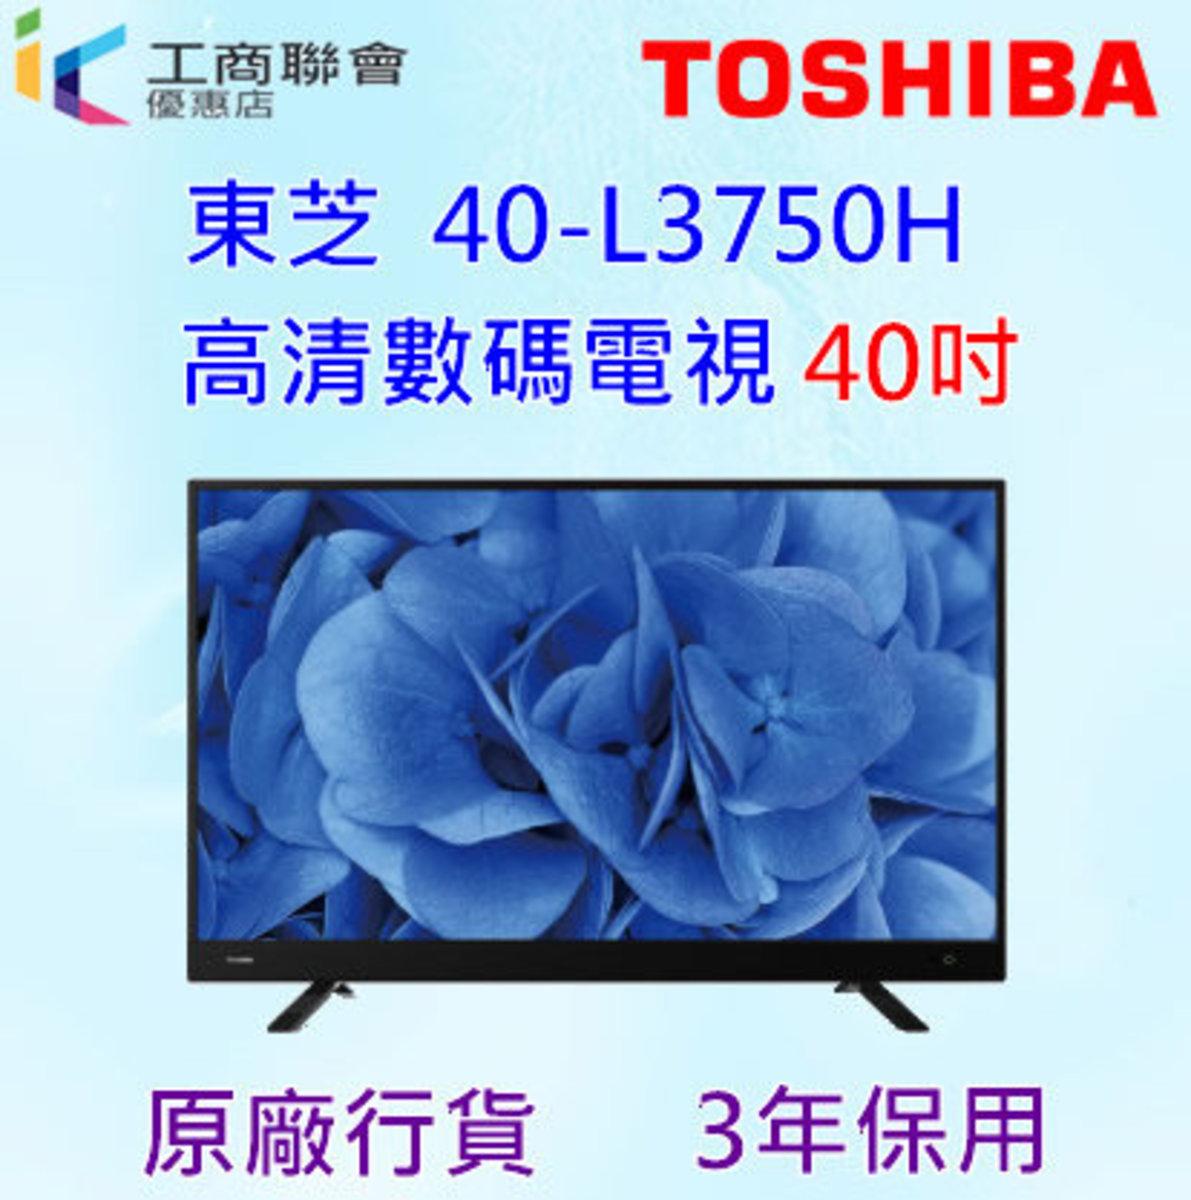 40L3750H HD Digital TV 40-inch (3-year licensed warranty)